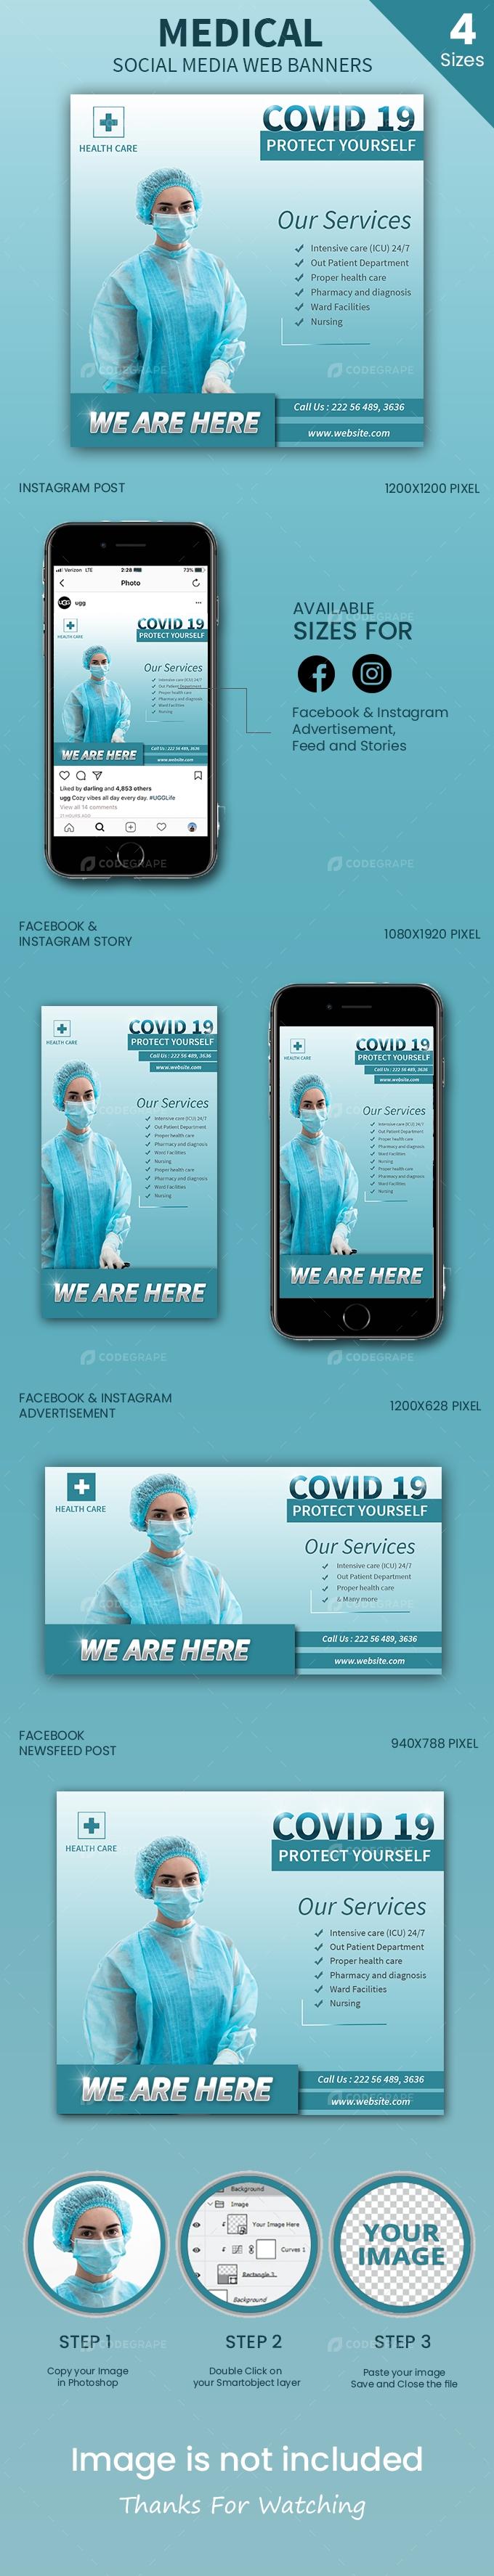 Medical Web Banner